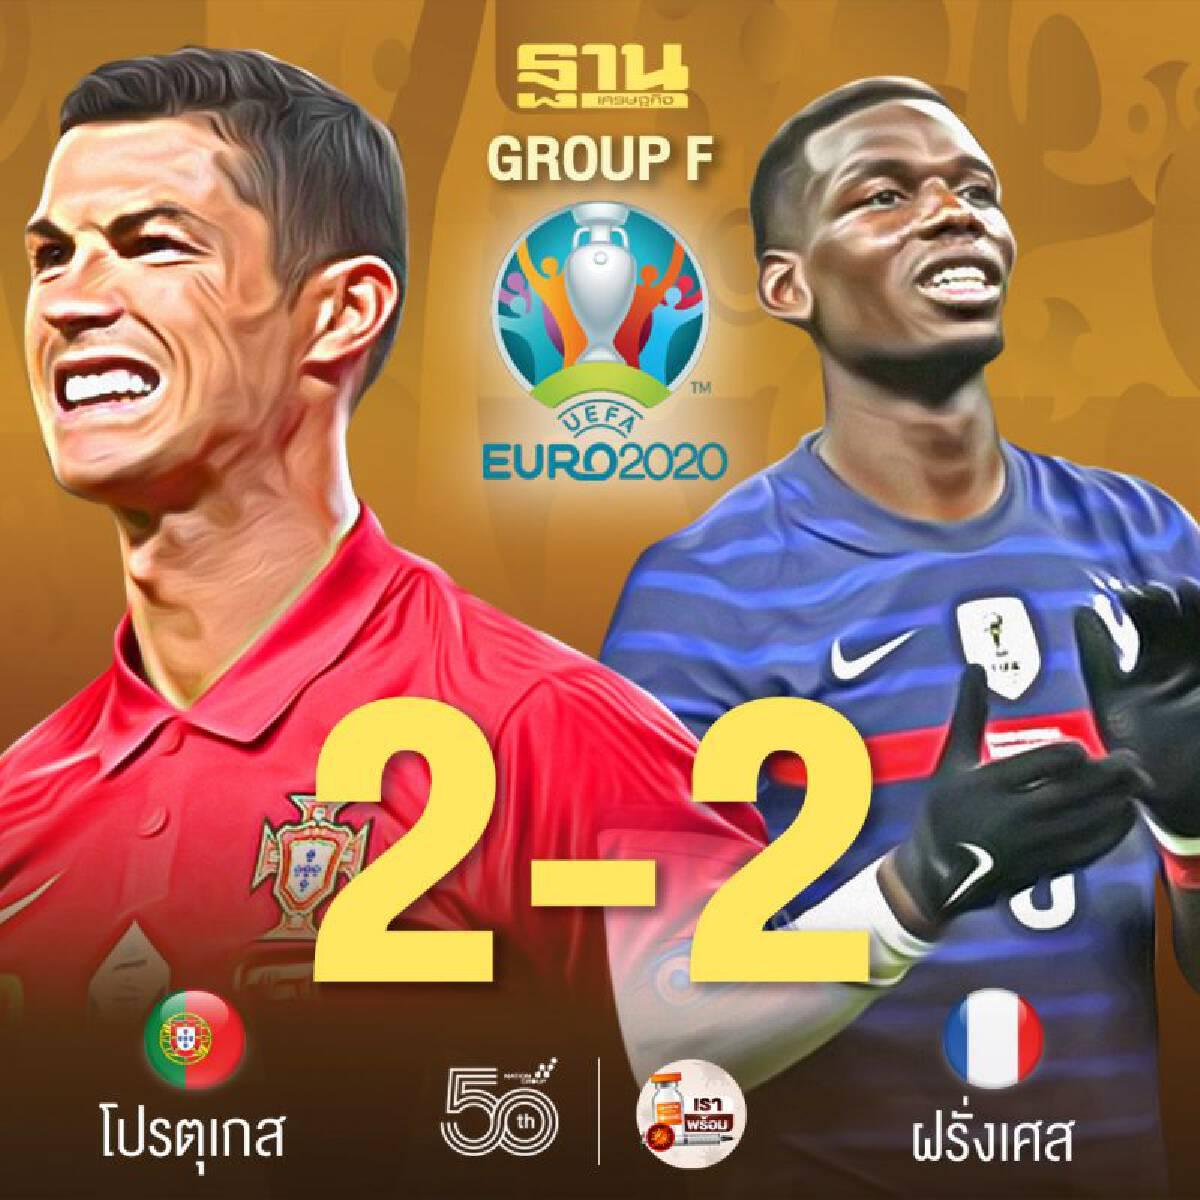 ผลบอลยูโร2020 : โปรตุเกส 2 -2 ฝรั่งเศส